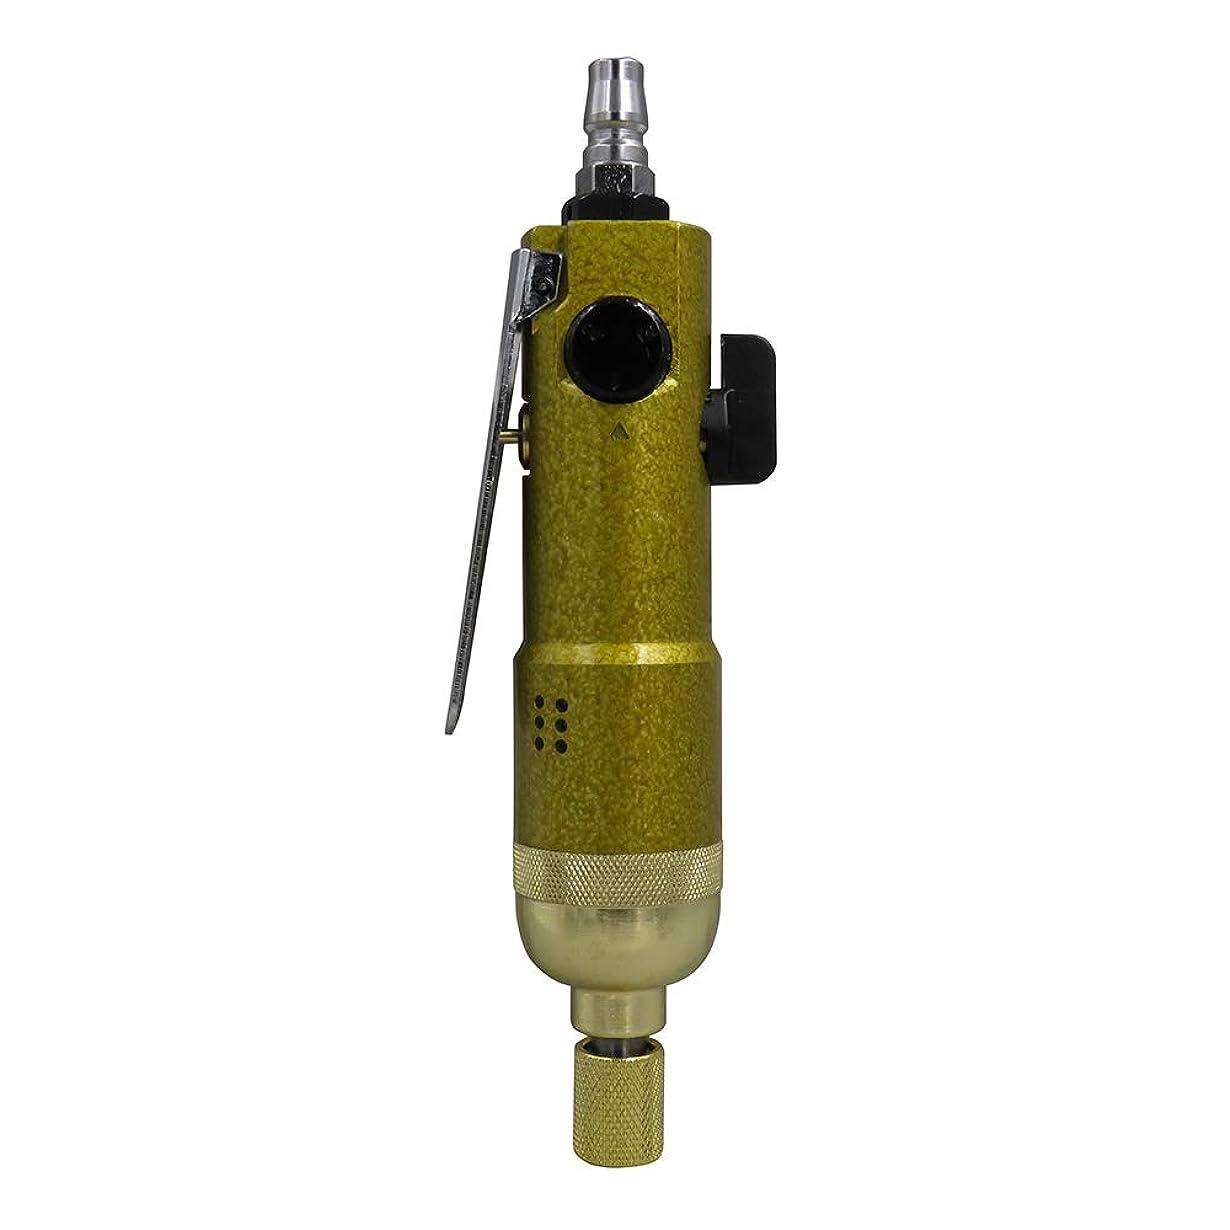 パイントパシフィック破滅的なKKmoon KP-805 エアダイグラインダー 1/4in 空気圧アングルダイグラインダーツール エアアングル 研削盤 エアスクリュードライバー用 溶接研削、バリ取り、表面処理、研磨に最適